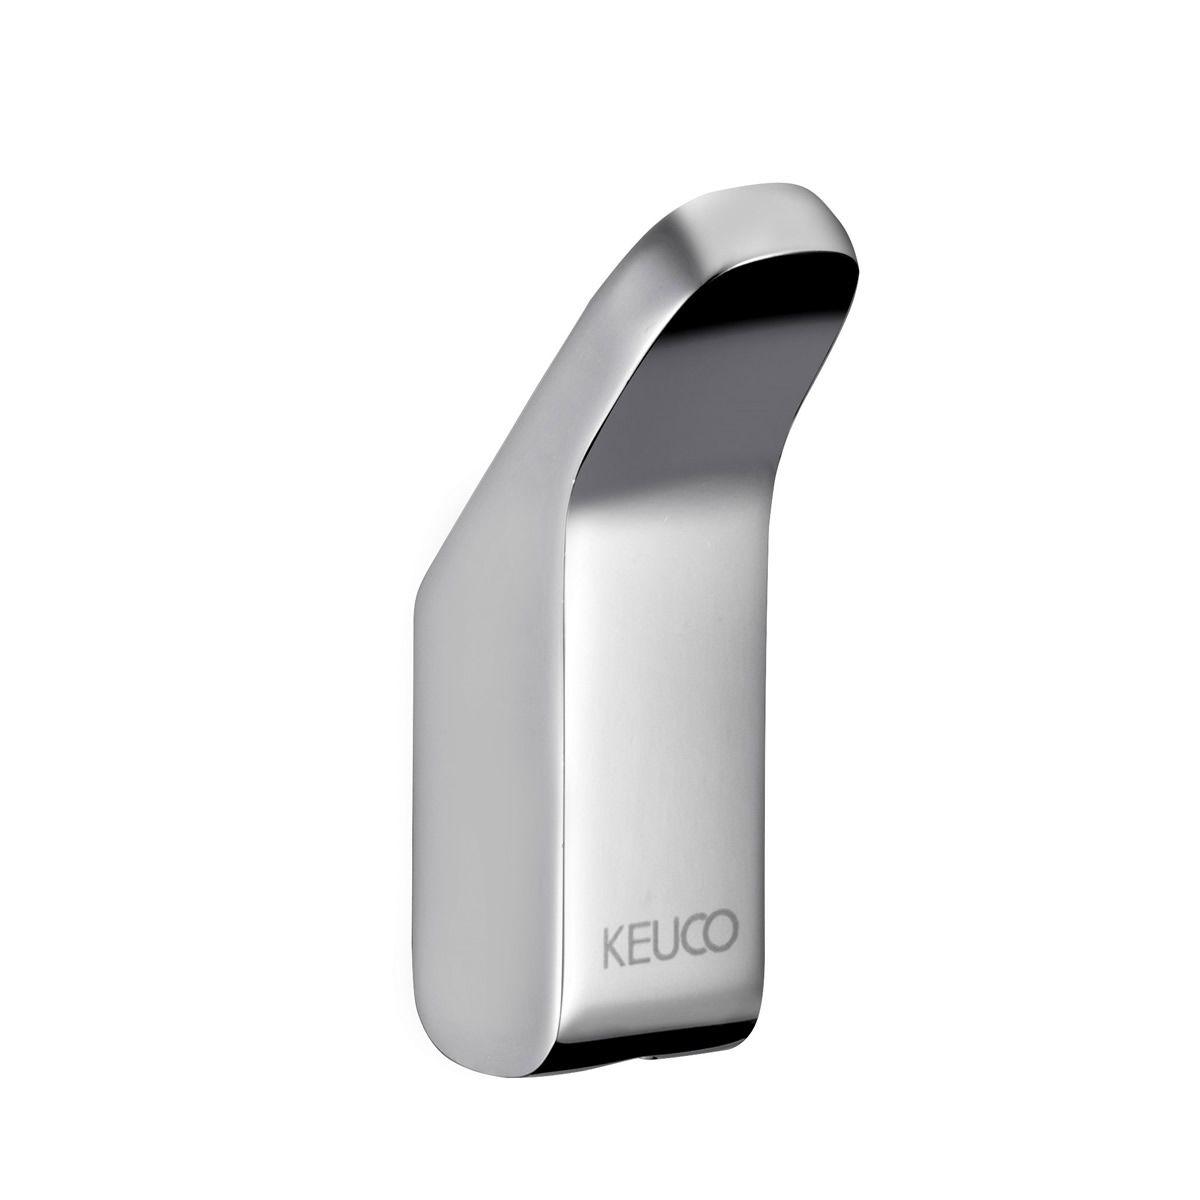 Крючок для полотенца Keuco Moll 12715 010000